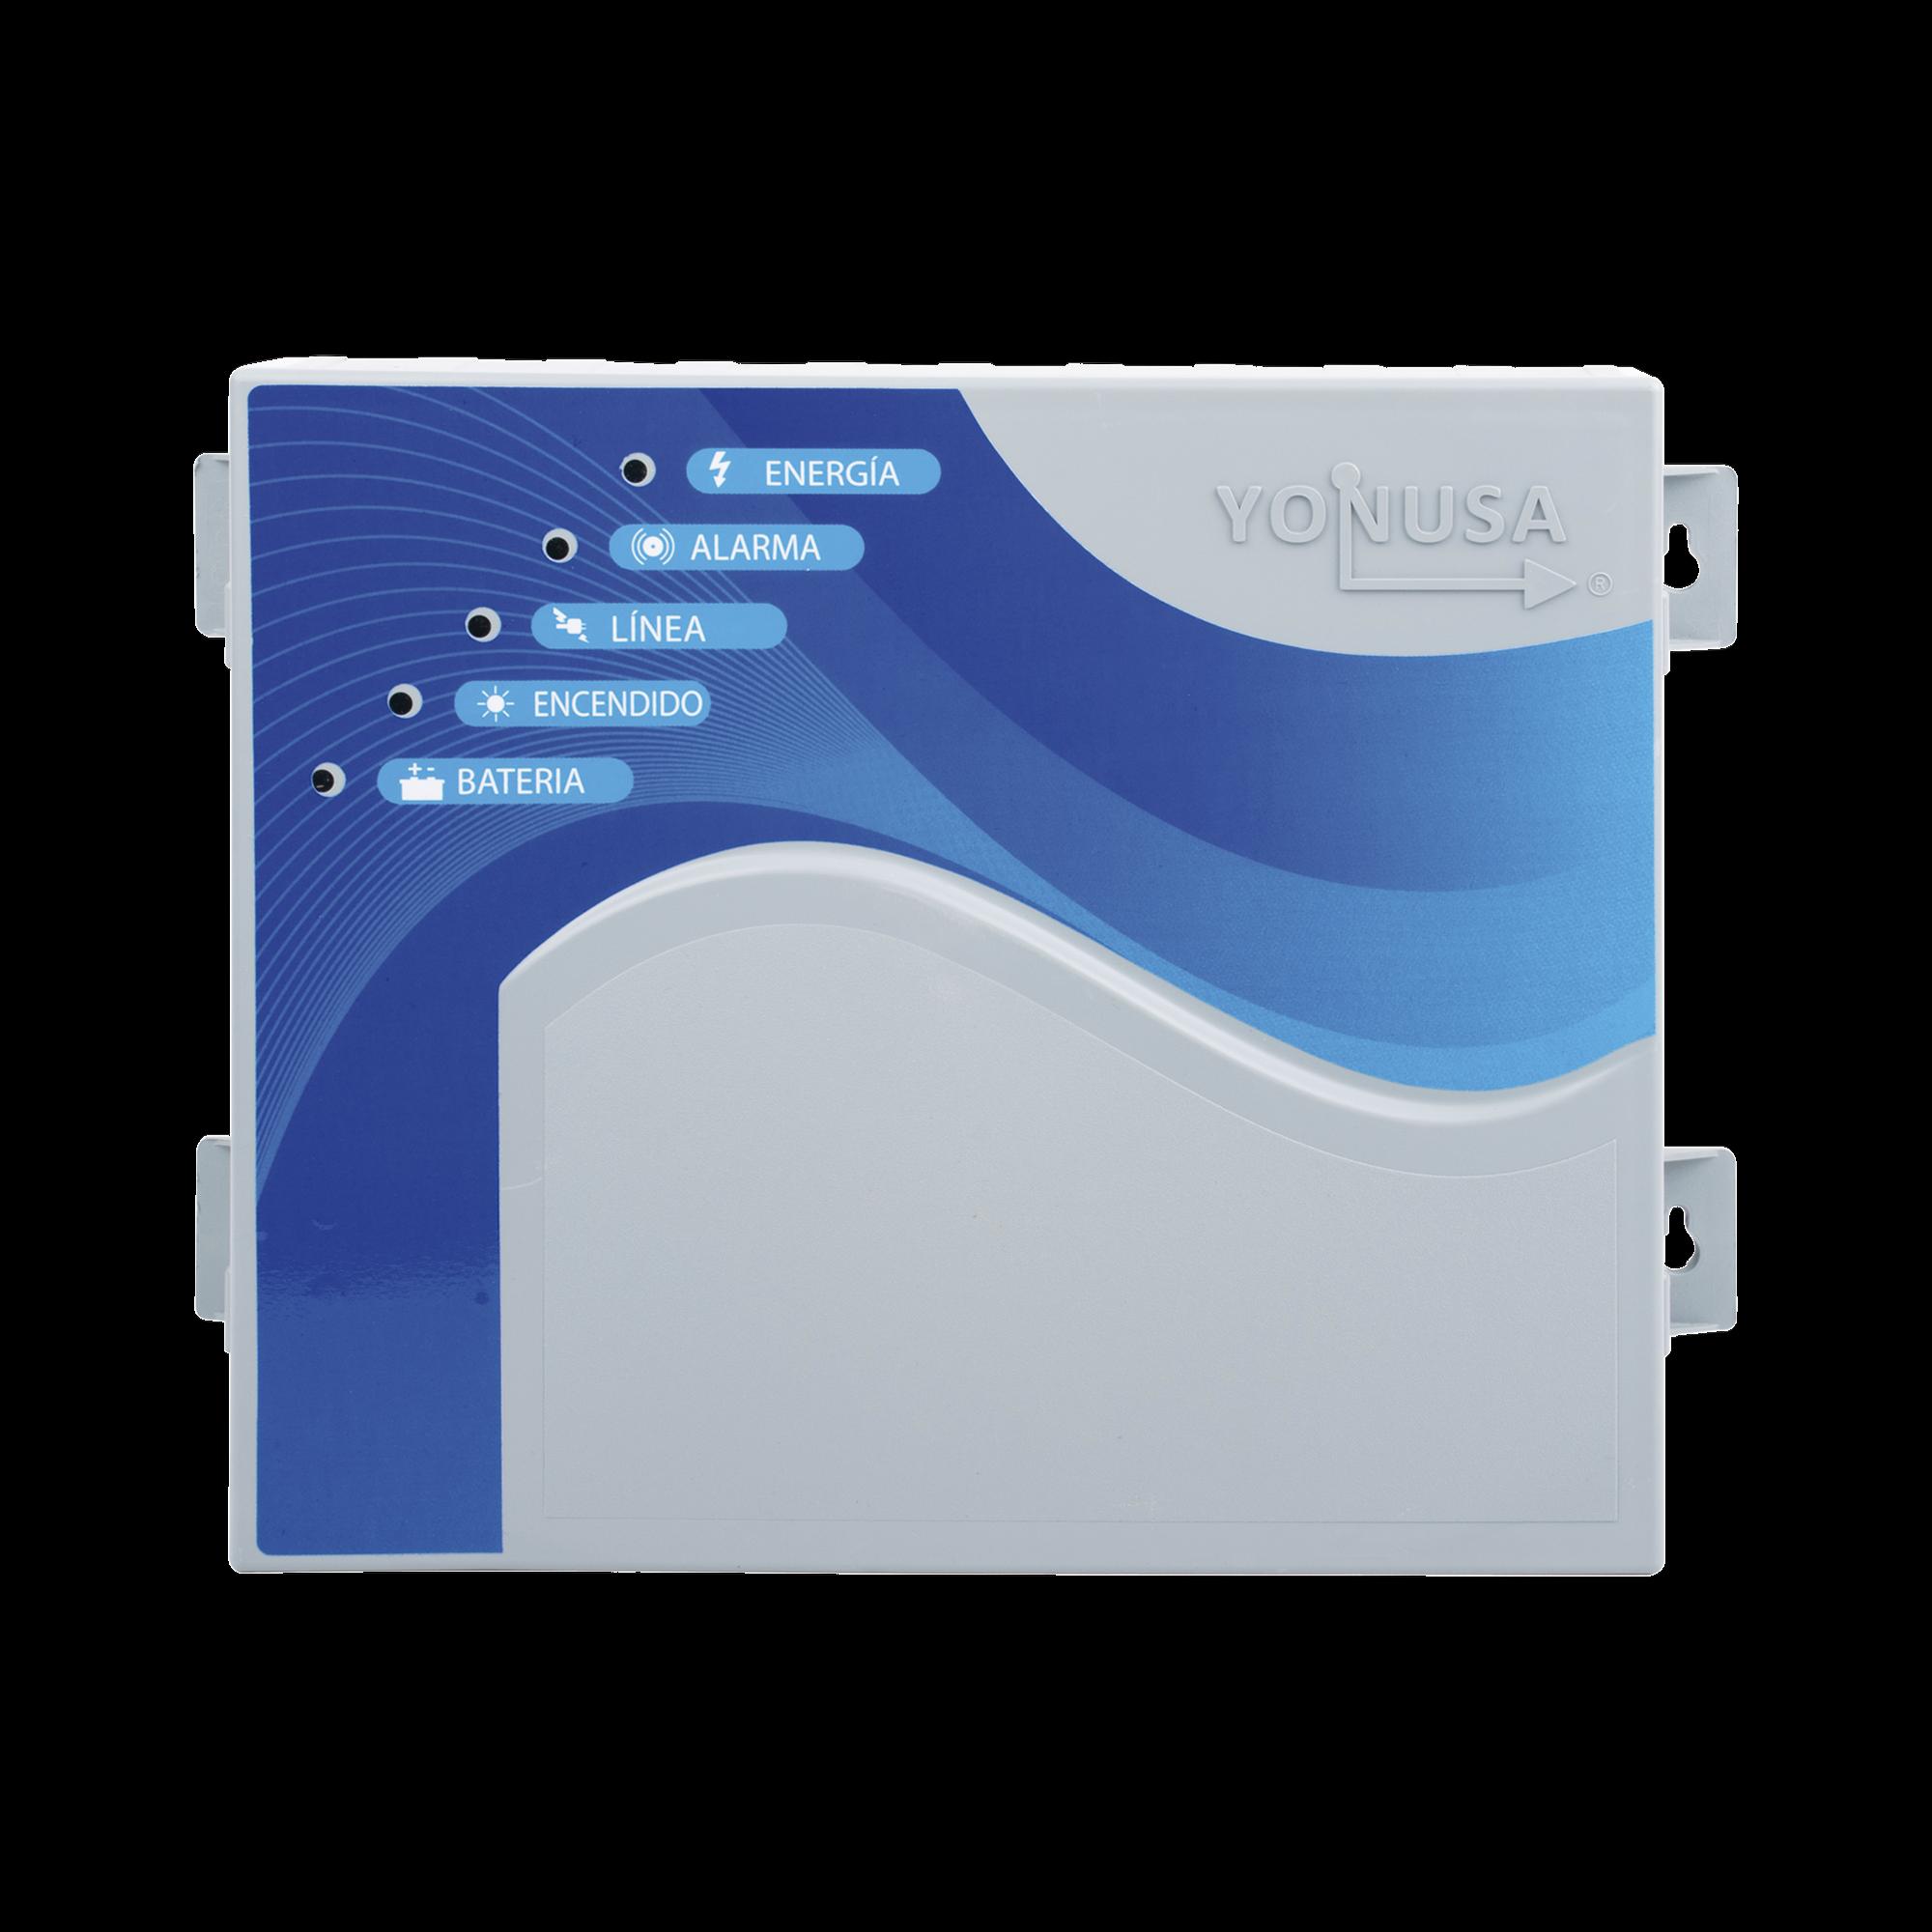 Energizador de 12,000Volts-1.2JOULES/700 Mts de protección para 5 Lineas/Activado por Atenuación de voltaje,Corte de línea o Aterrizamiento de la línea/Integración a panel de Alarma.